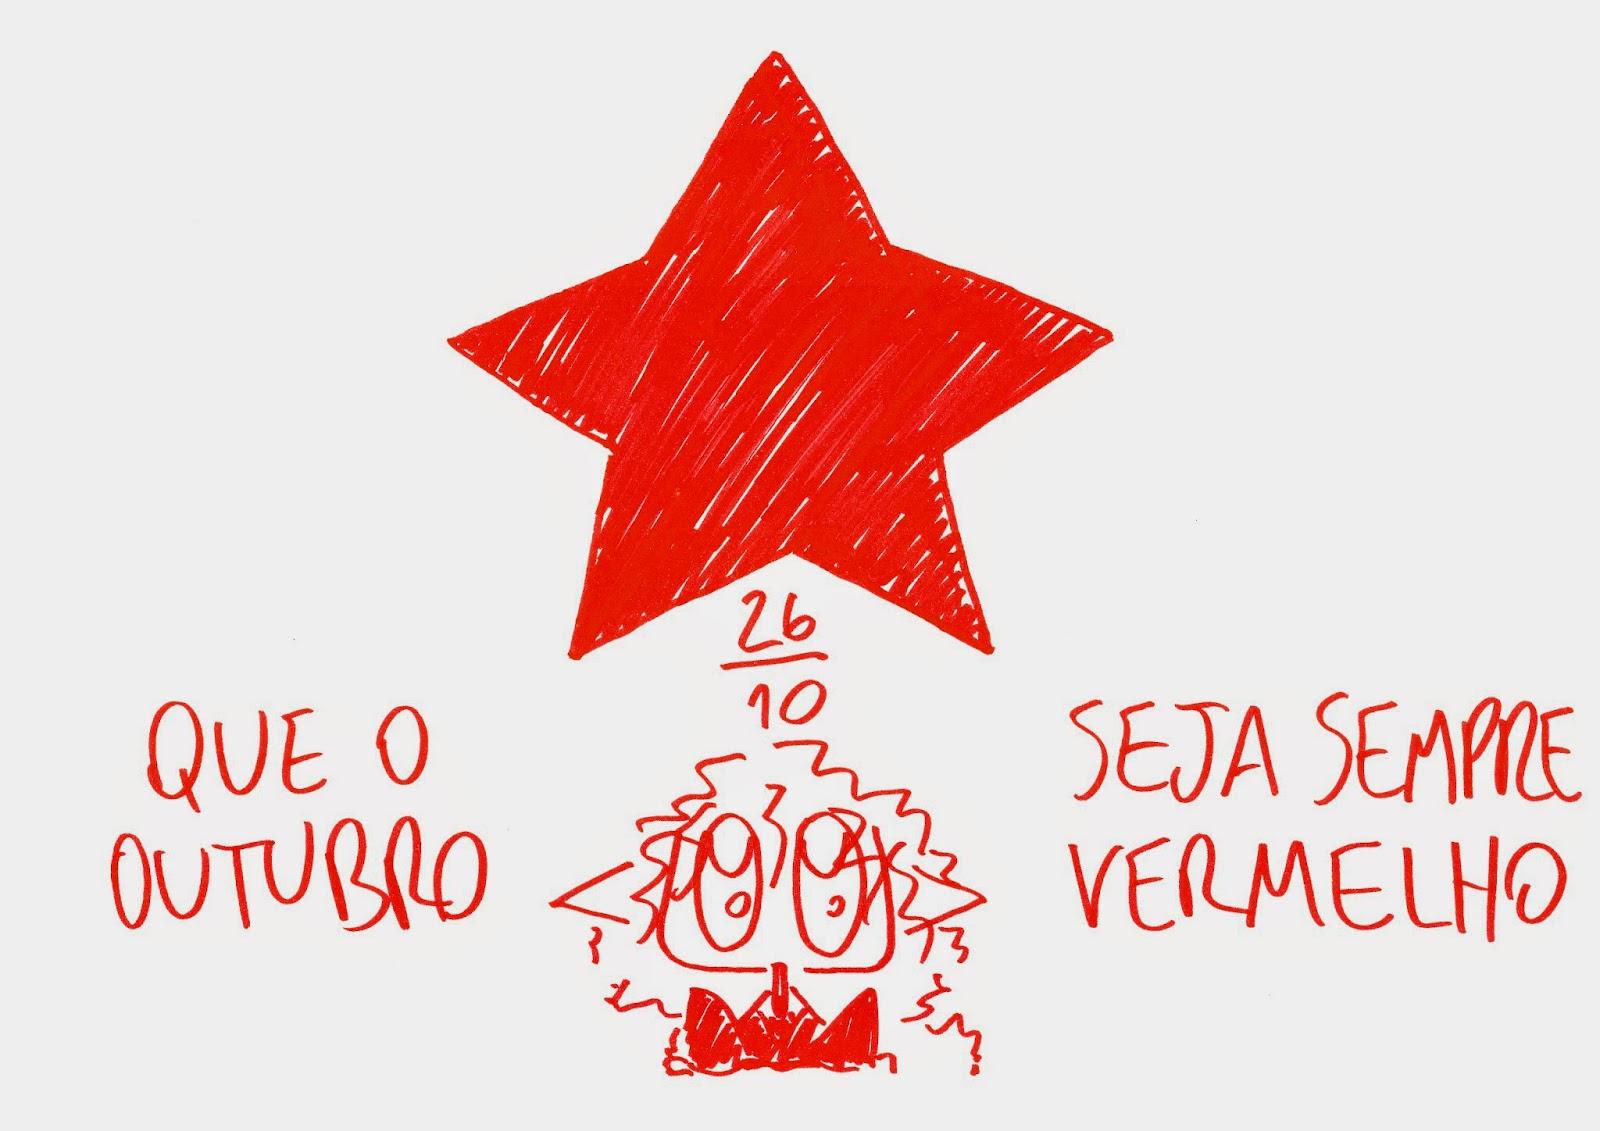 http://virgenskamikazes.blogspot.com.br/2014/10/a-esperanca-e-vermelha.html